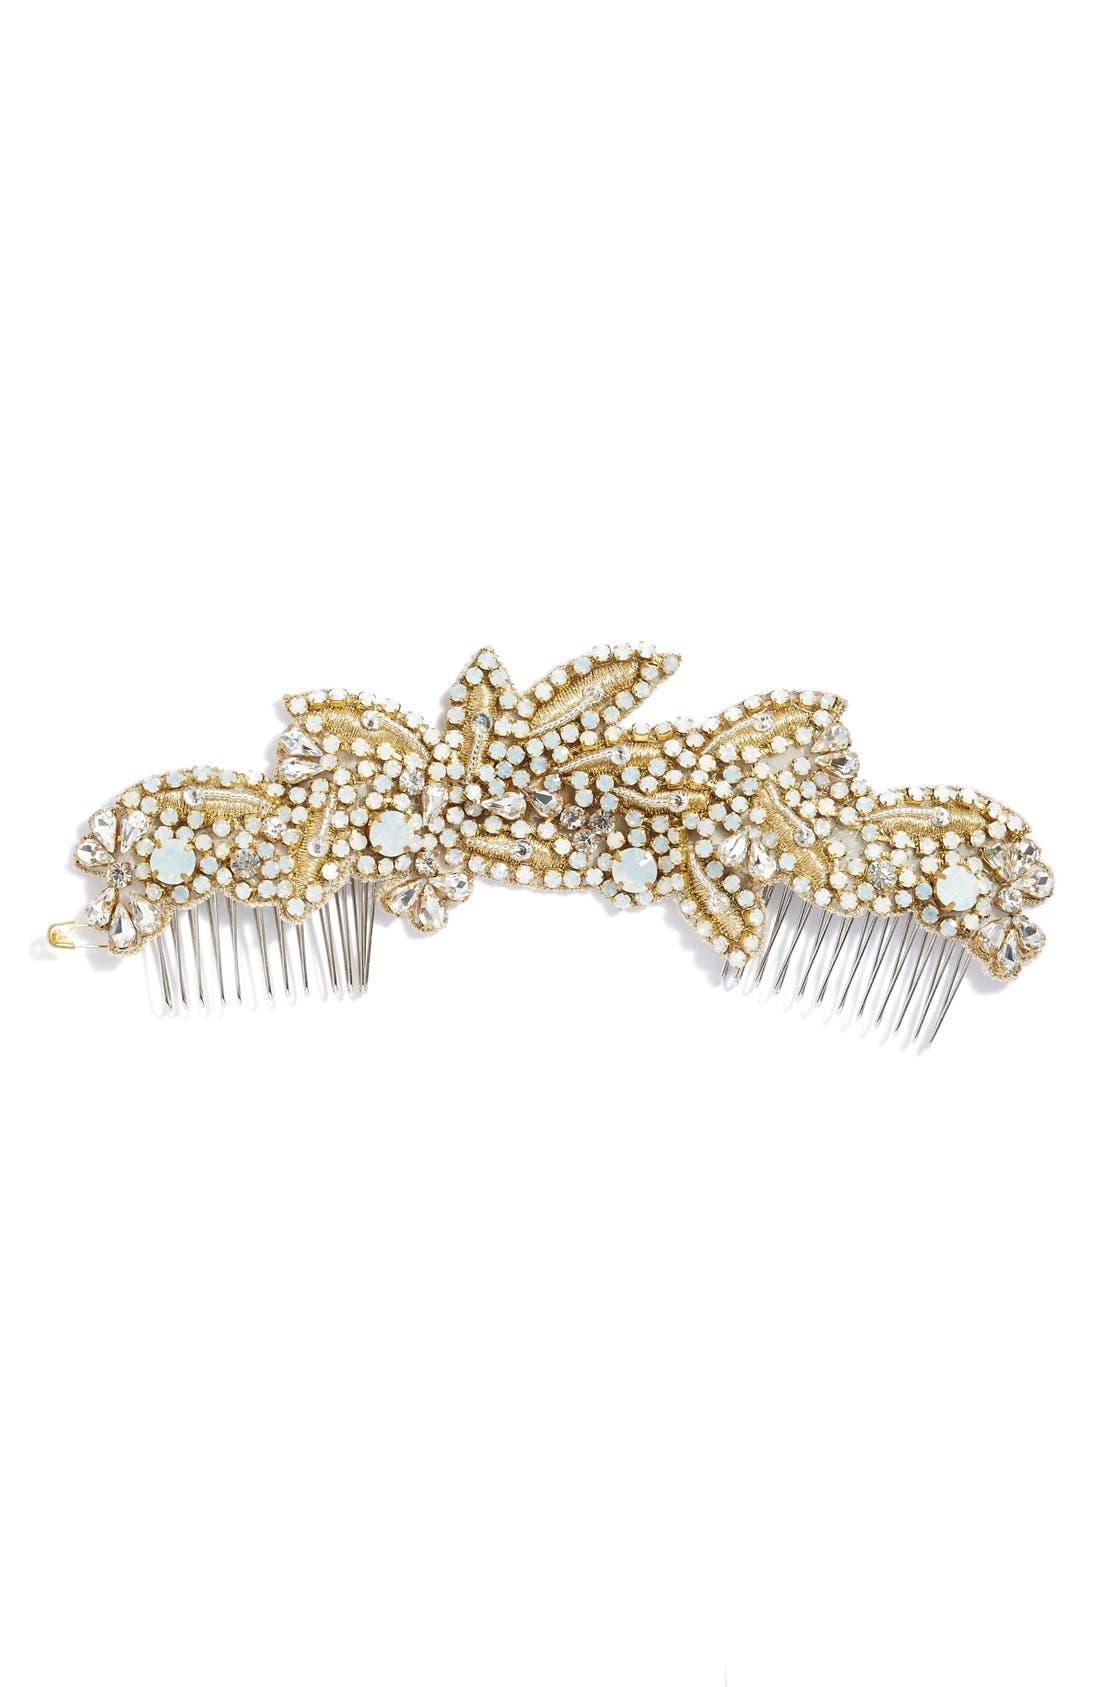 Camilla Christine Jeweled Headpiece